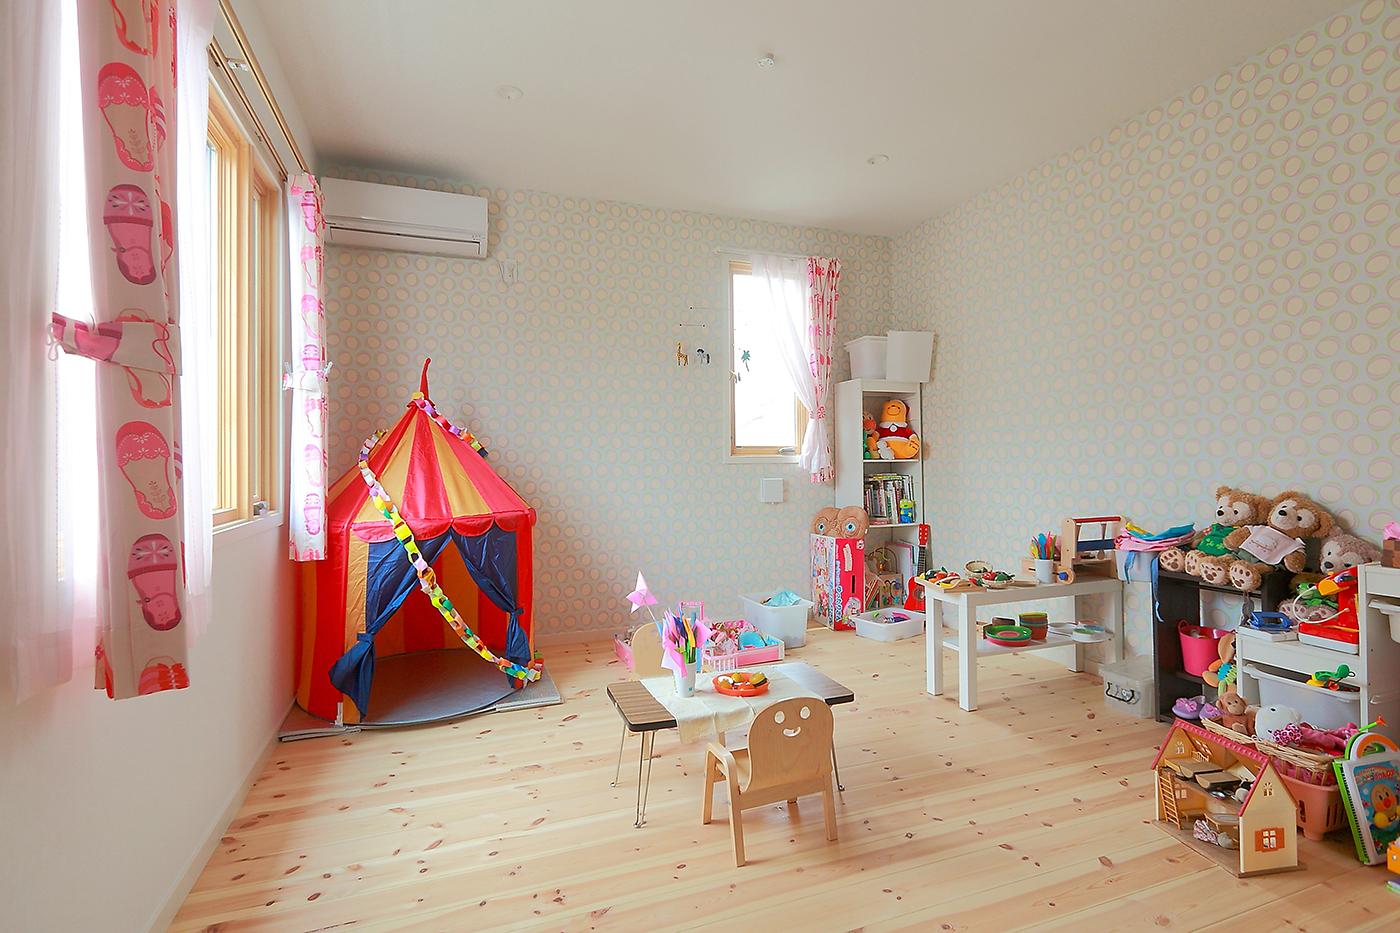 ツーバイフォー、新築、東京、一級建築士事務所、建築家、木製窓、木製ドア、マーヴィン、スクエア、デザイン、子供部屋、かわいい、パイン材、女の子の部屋